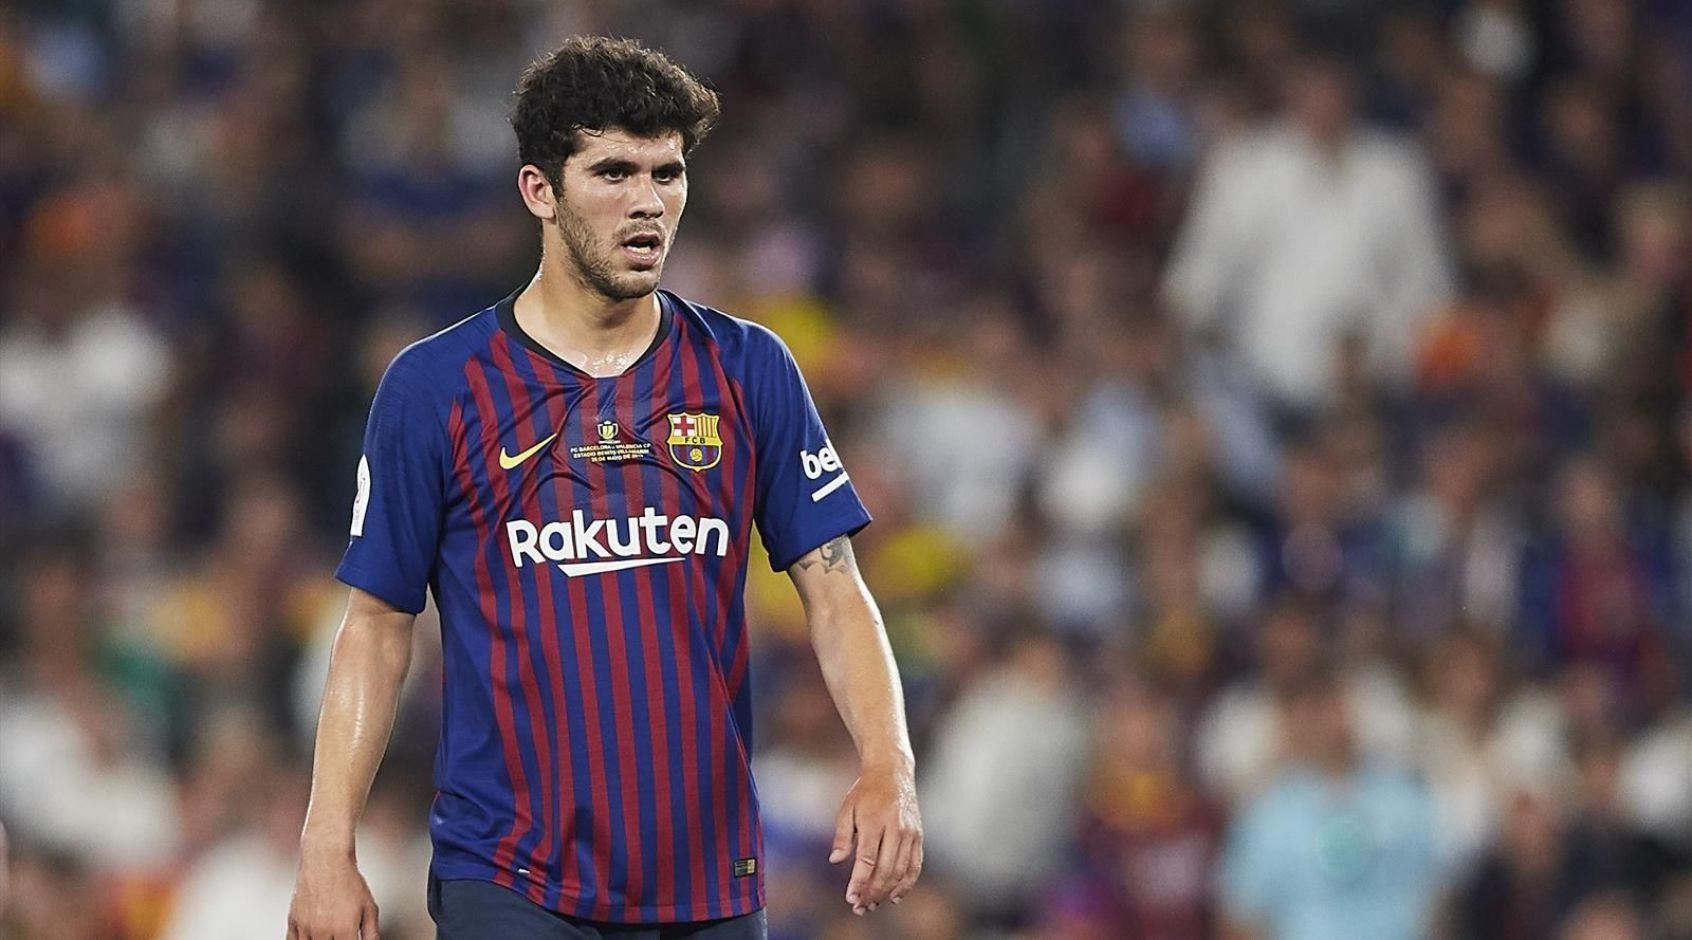 """""""Барселона"""" и """"Бетис"""" ведут переговоры о сделках по аренде игроков"""